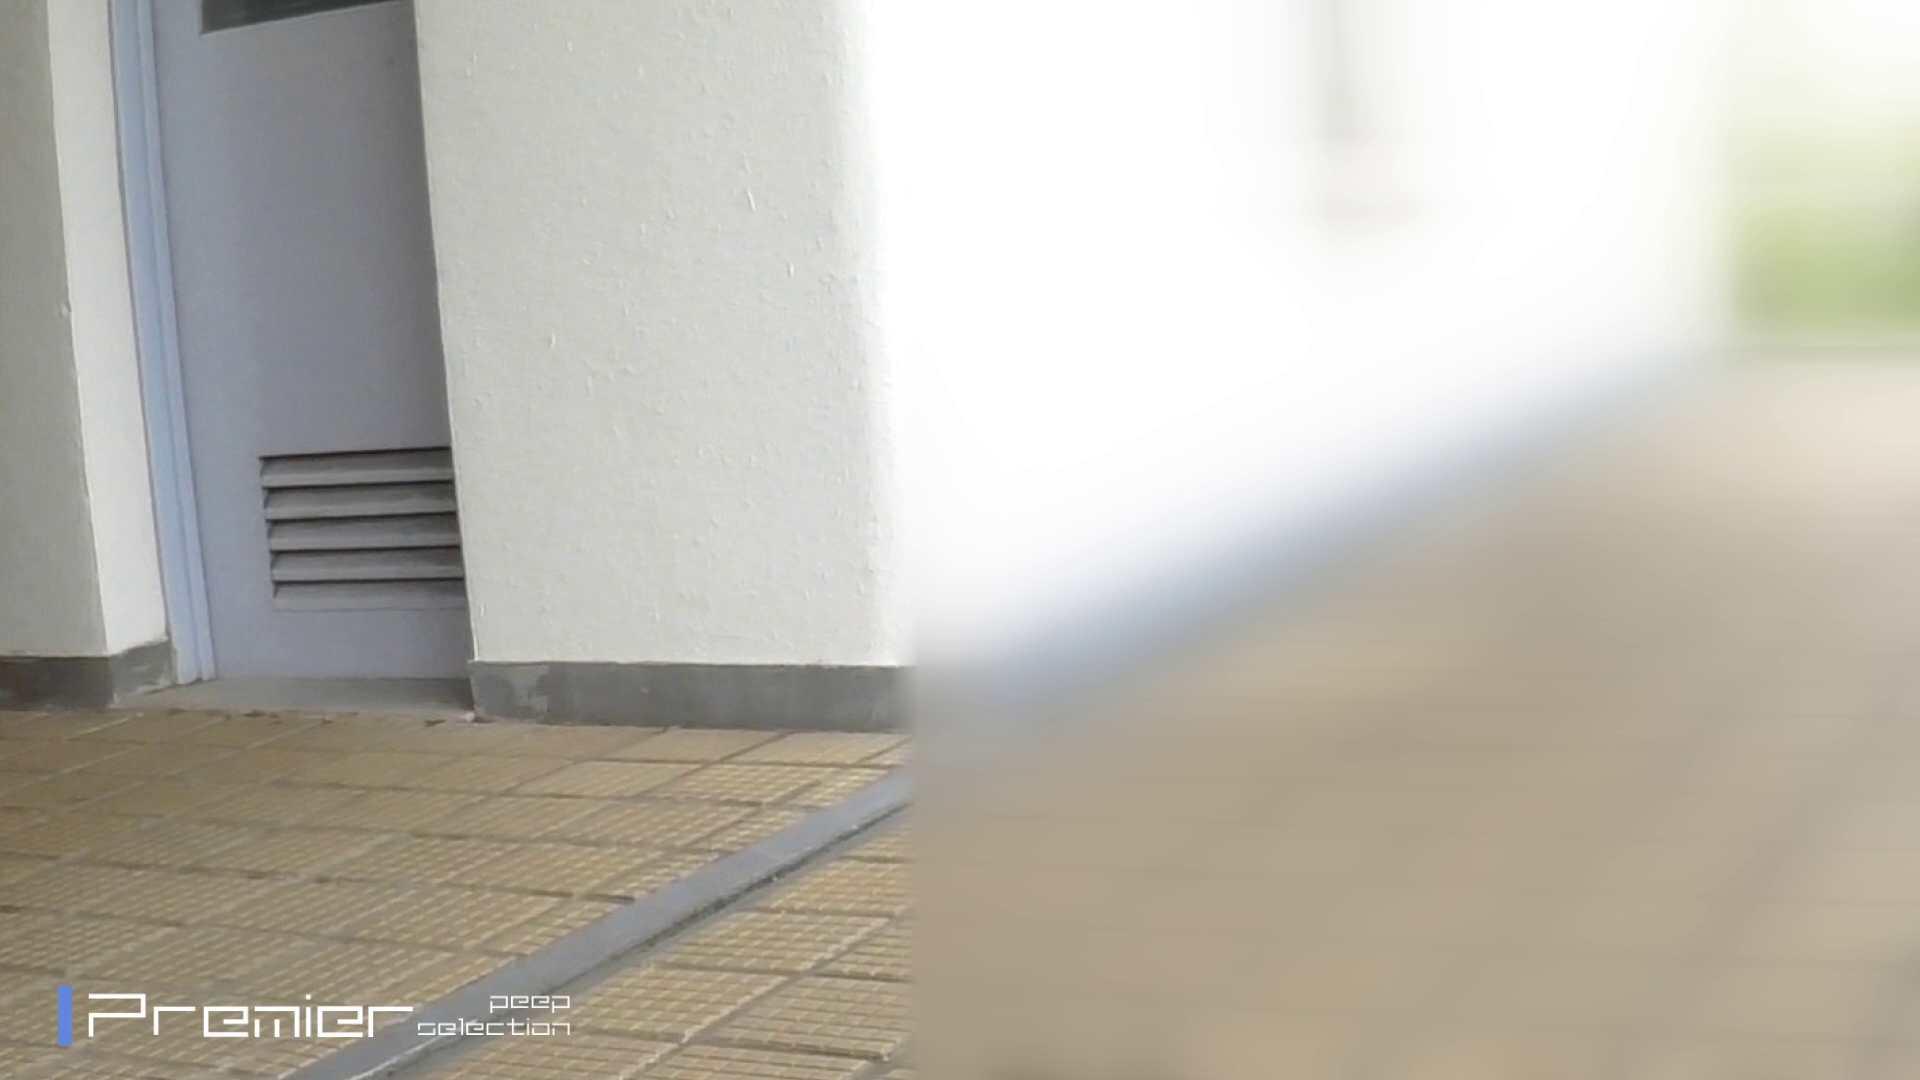 FHD激カワ!激やば! 復讐のトイレ盗撮 Vol.03 トイレ中 | 盗撮エロすぎ  78連発 26